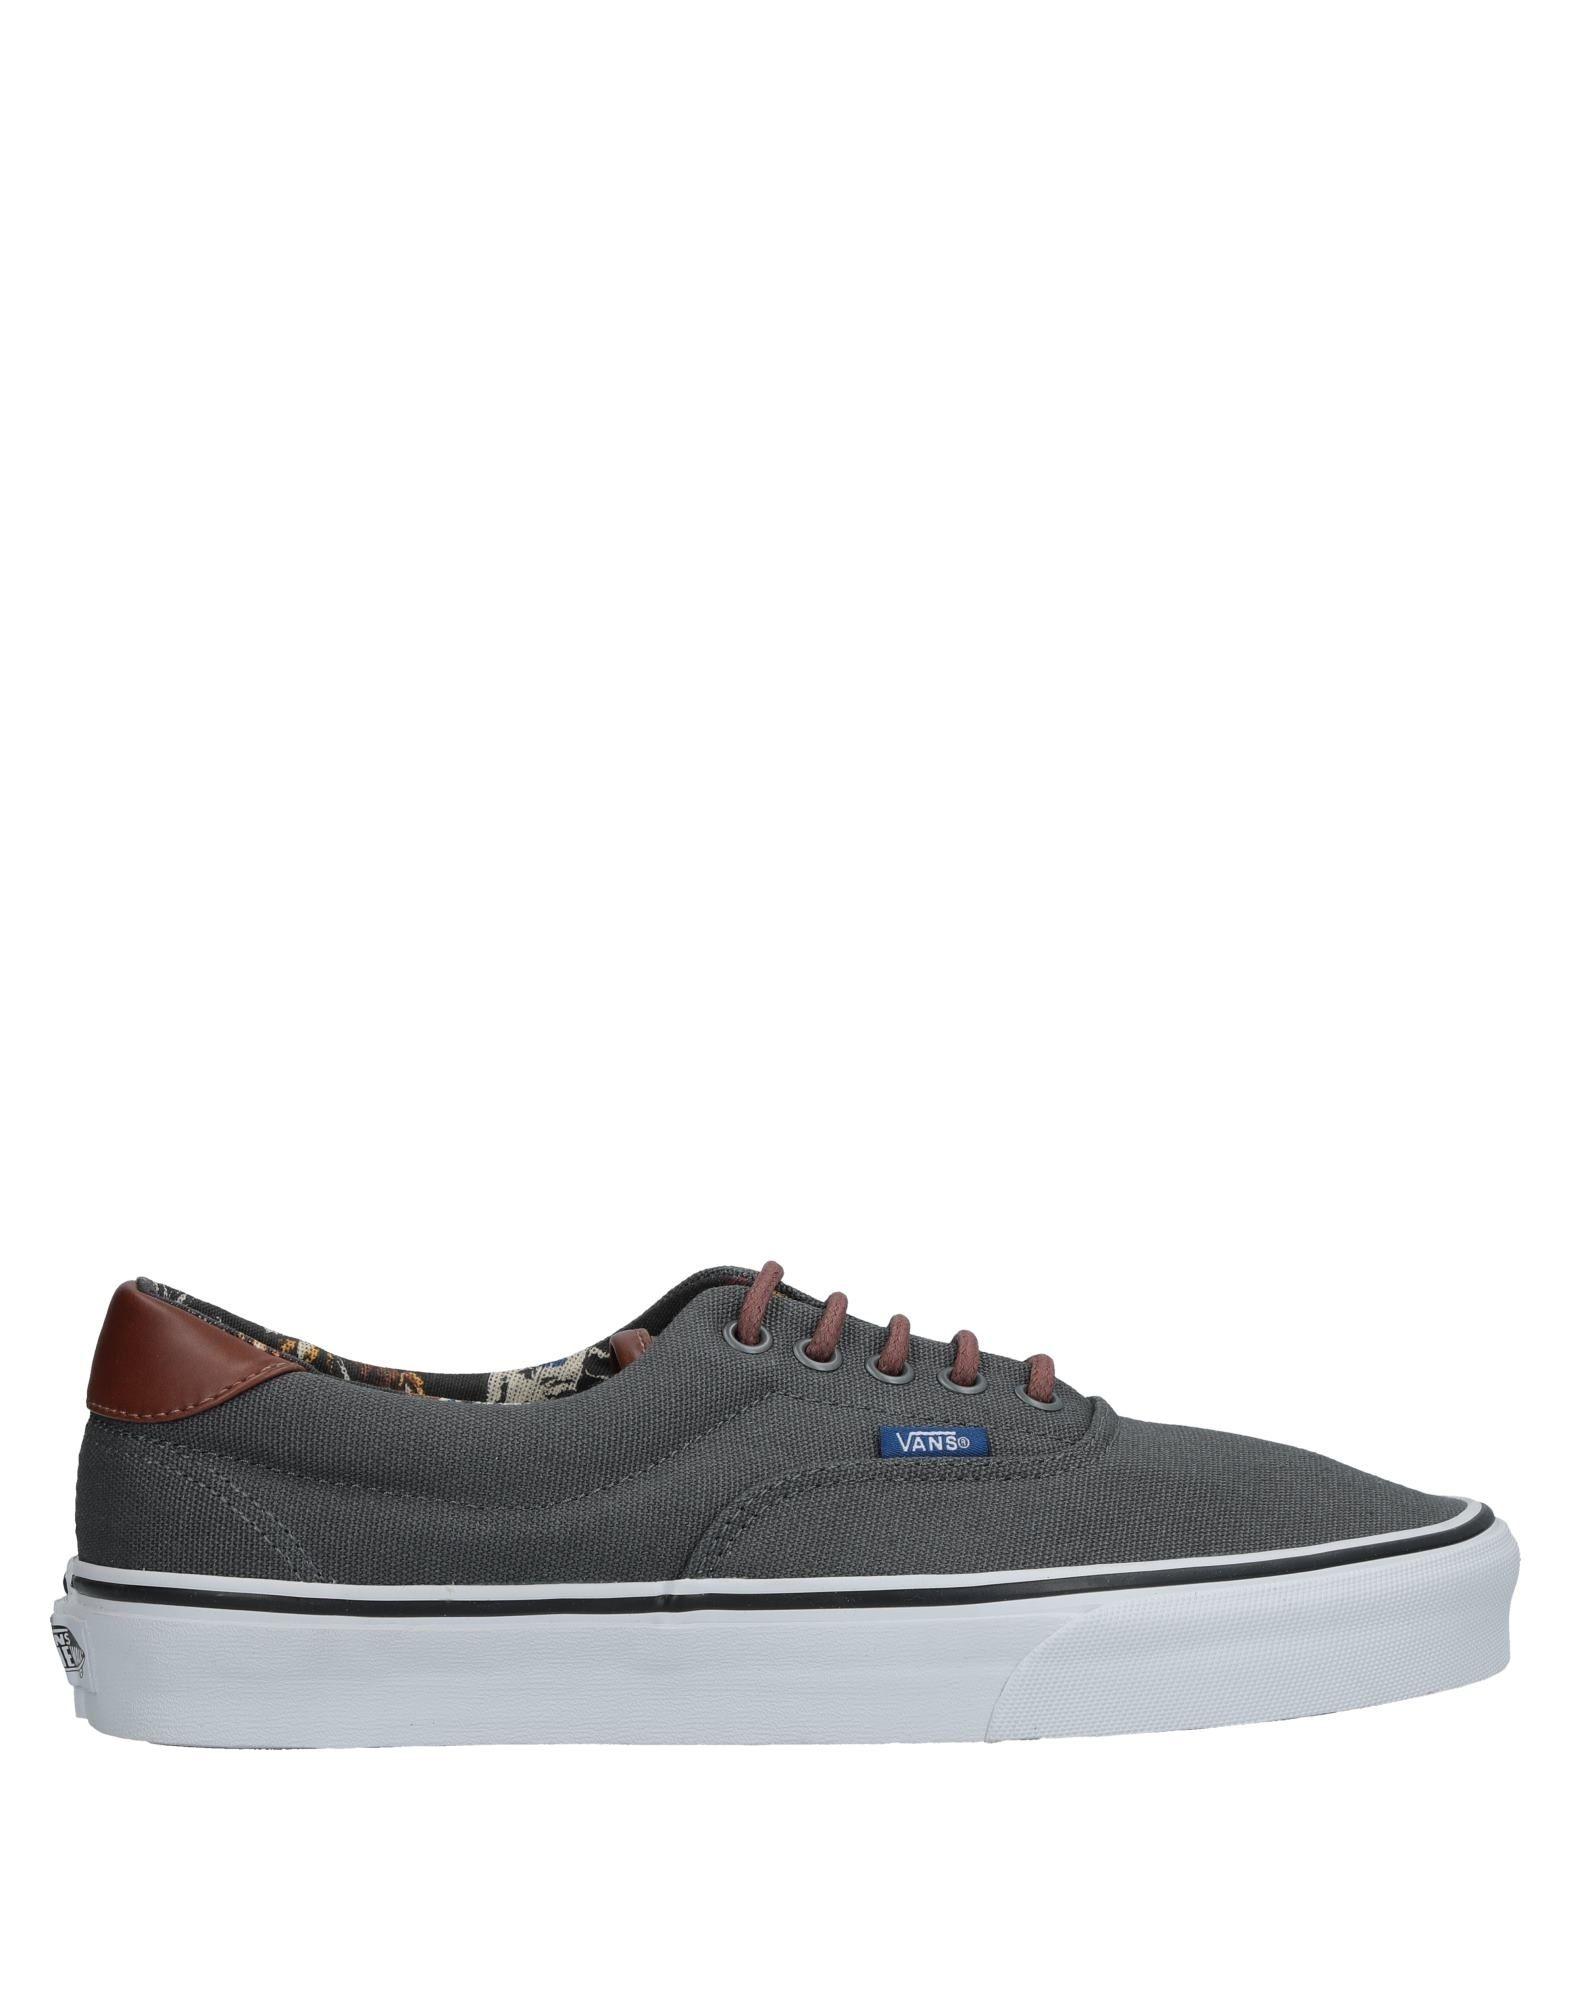 Rabatt echte  Schuhe Vans Sneakers Herren  echte 11524185UM 239952